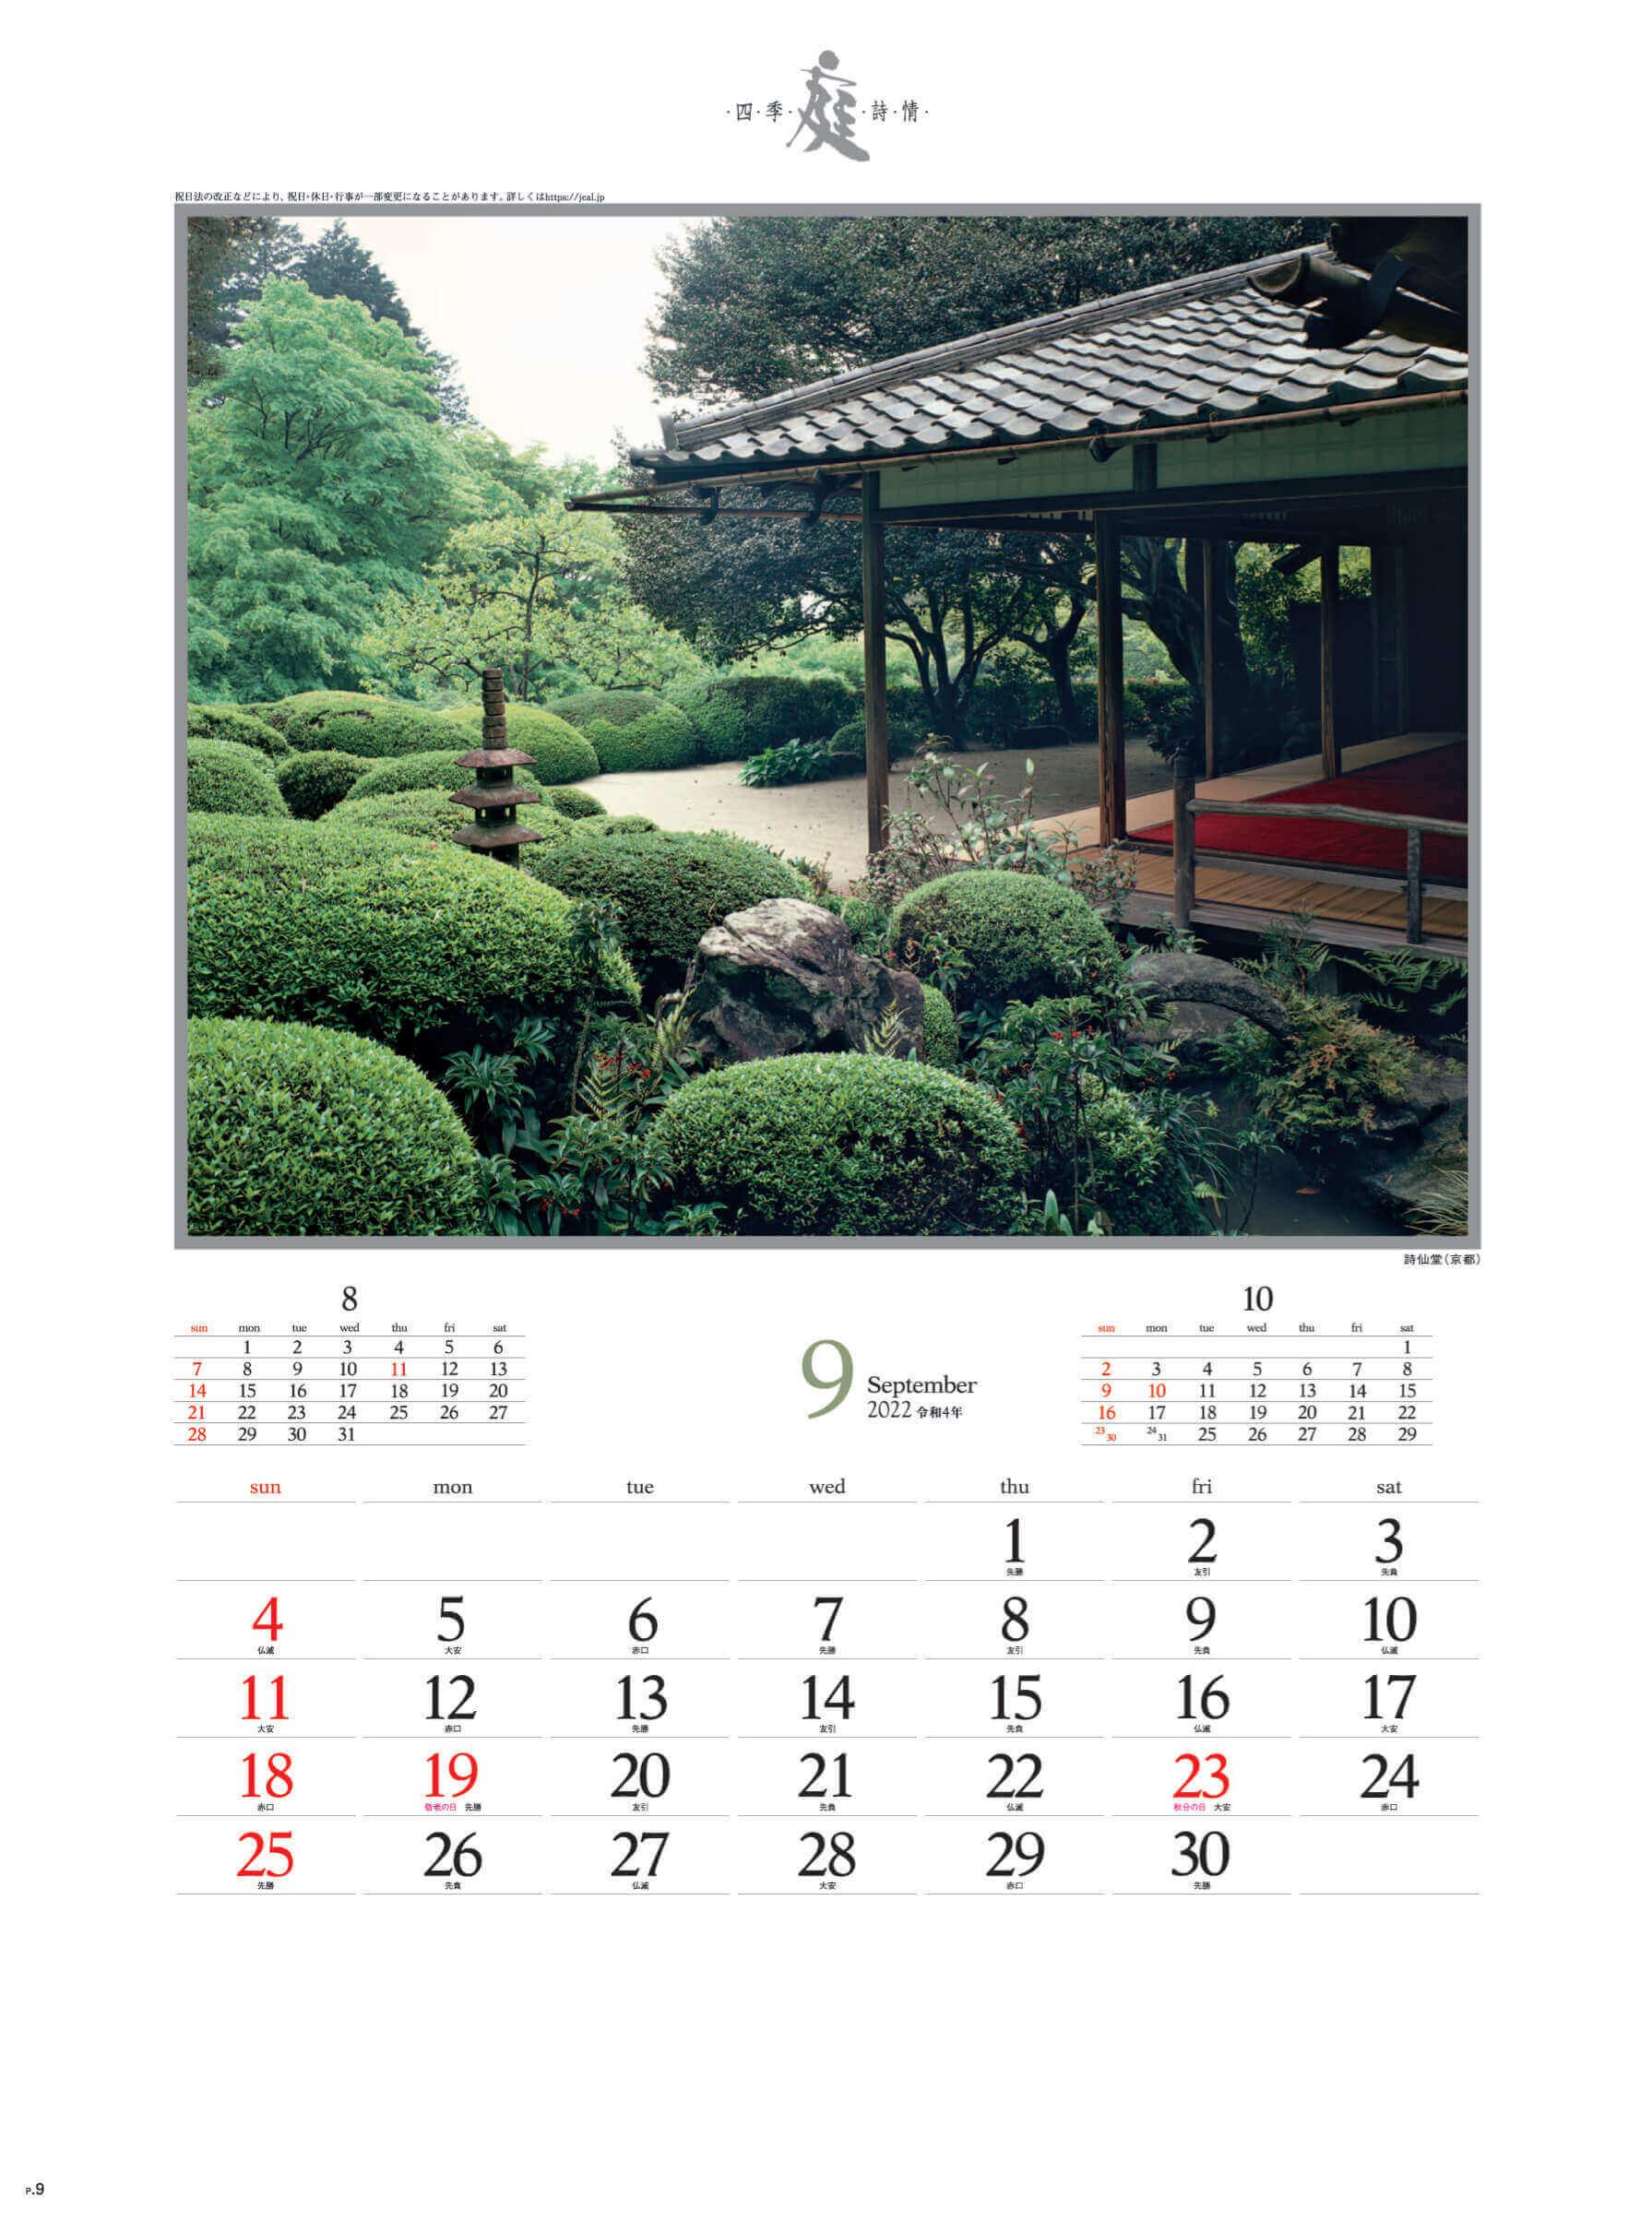 9月 詩仙堂(京都) 庭・四季詩情 2022年カレンダーの画像